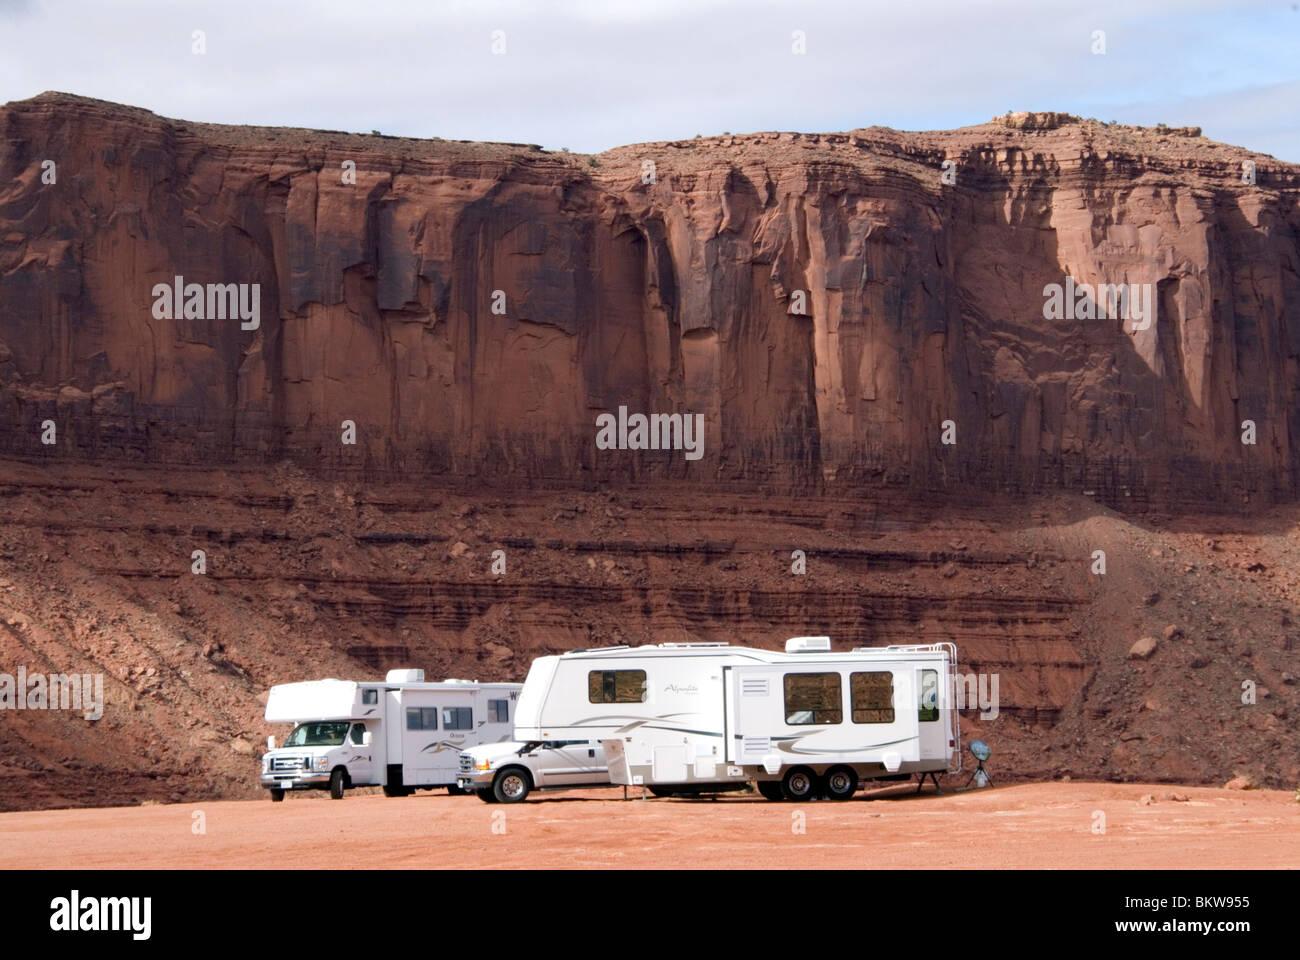 RVs veicoli ricreativi parcheggiato presso la primitiva campeggio al parco tribale Navajo del Centro Visitatori Immagini Stock